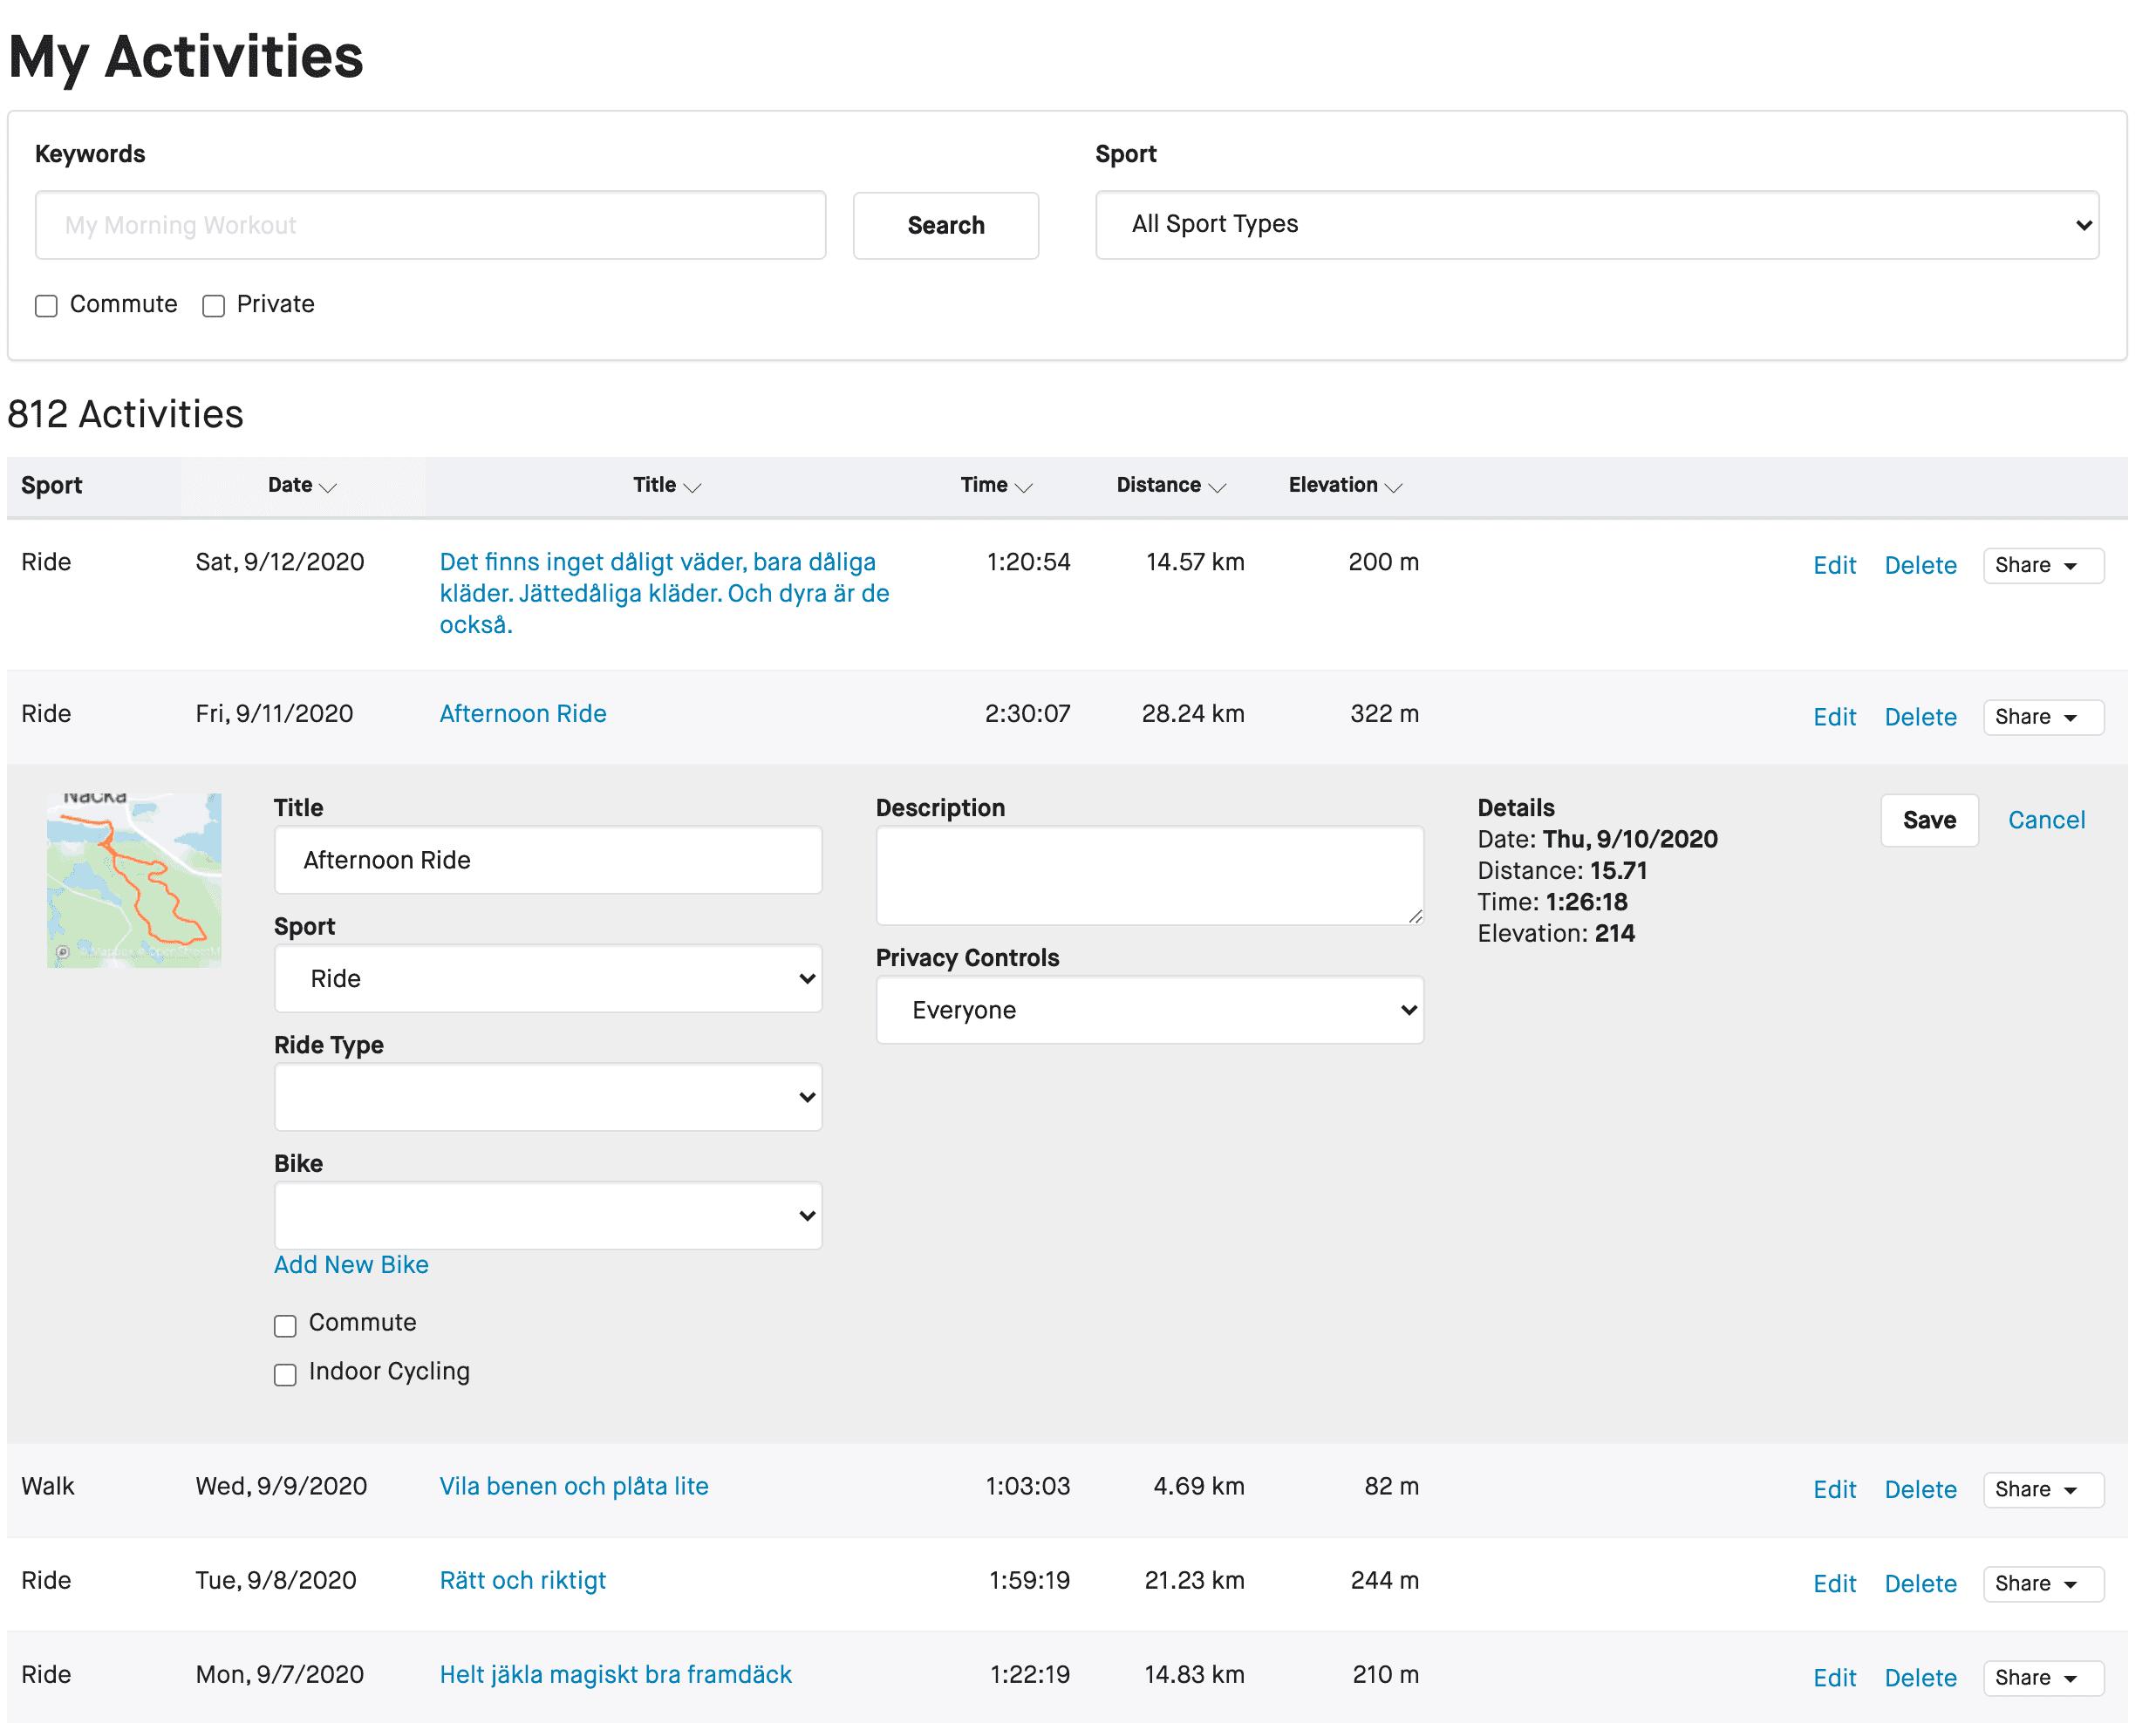 Screenshot 2020-09-12 at 20.46.32.png